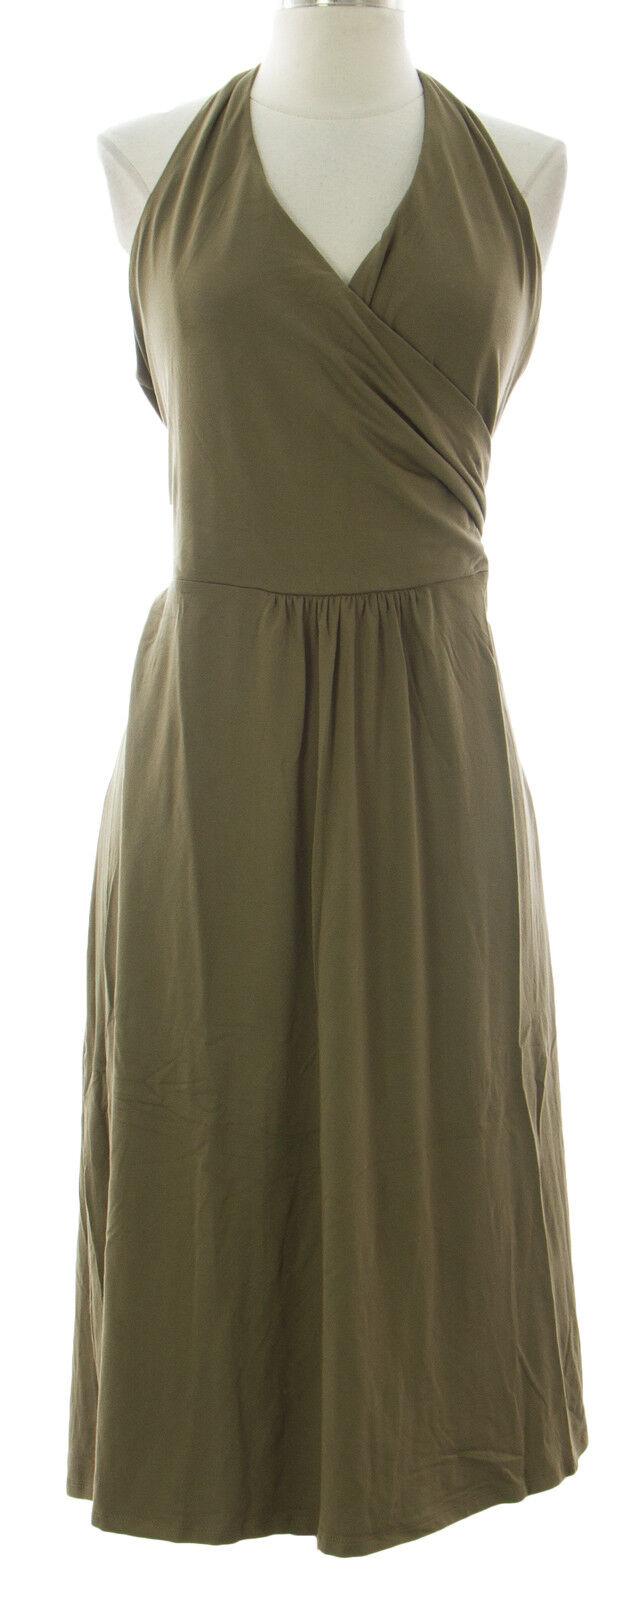 Boden Damen Braun St.Lucia Kleid mit Nackenband Wh517 Neu mit Etiketten